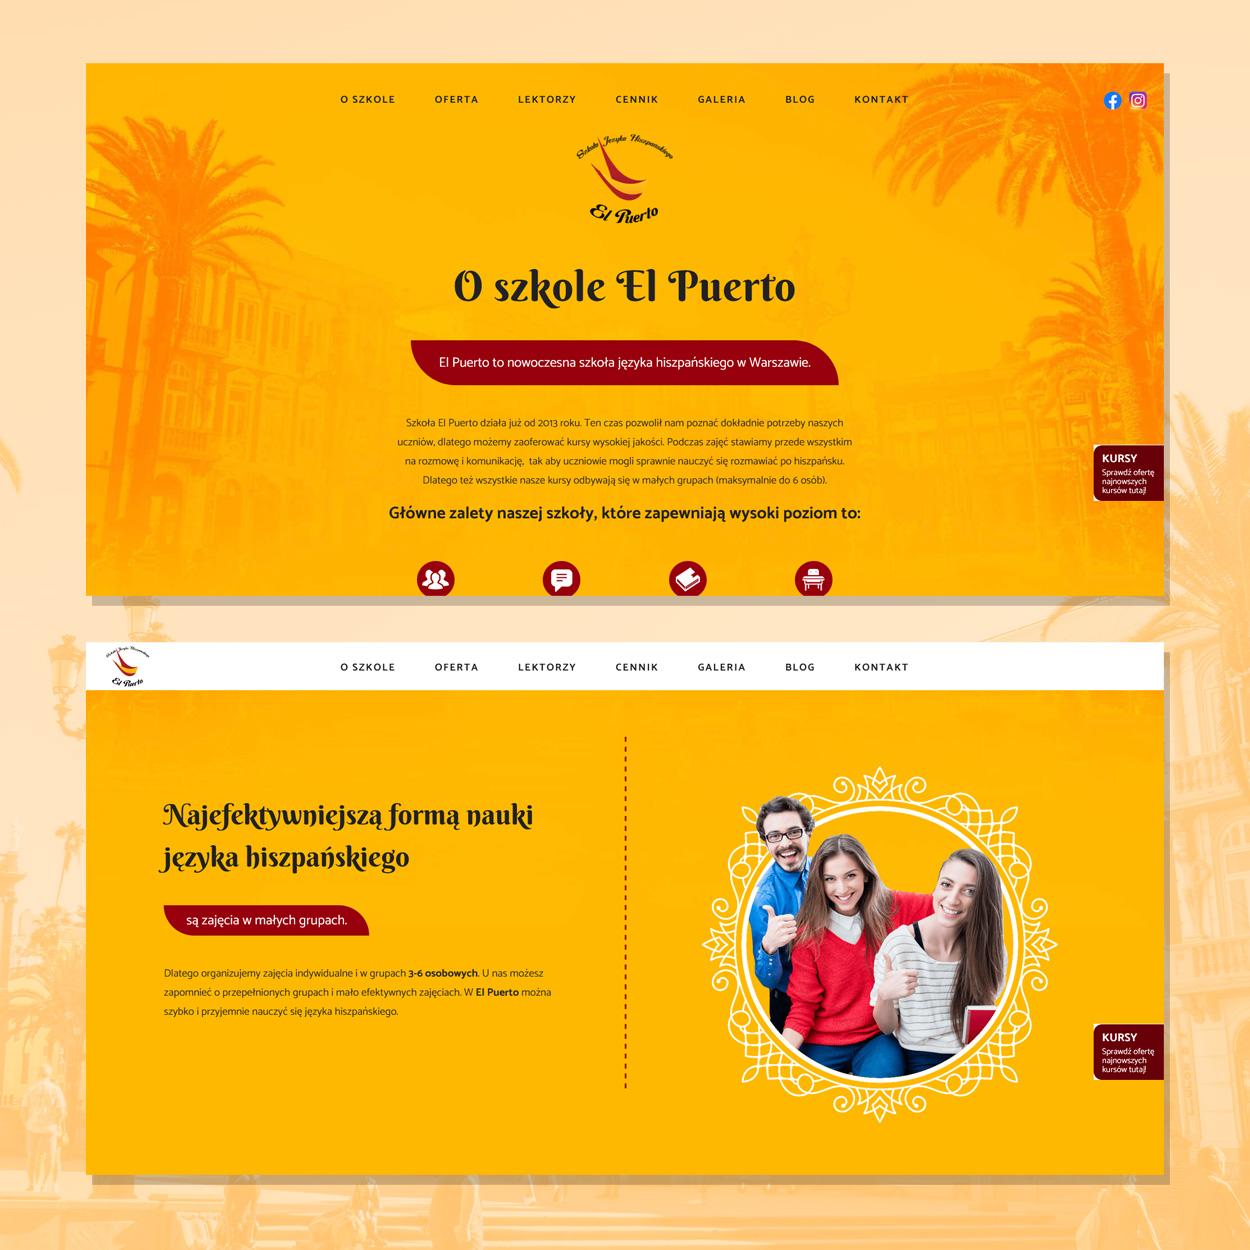 strona internetowa dla szkoly jezykowej hiszpanskiego elpuerto 3 - Projektowanie stron www - Szkoła Języka Hiszpańskiego ElPuerto